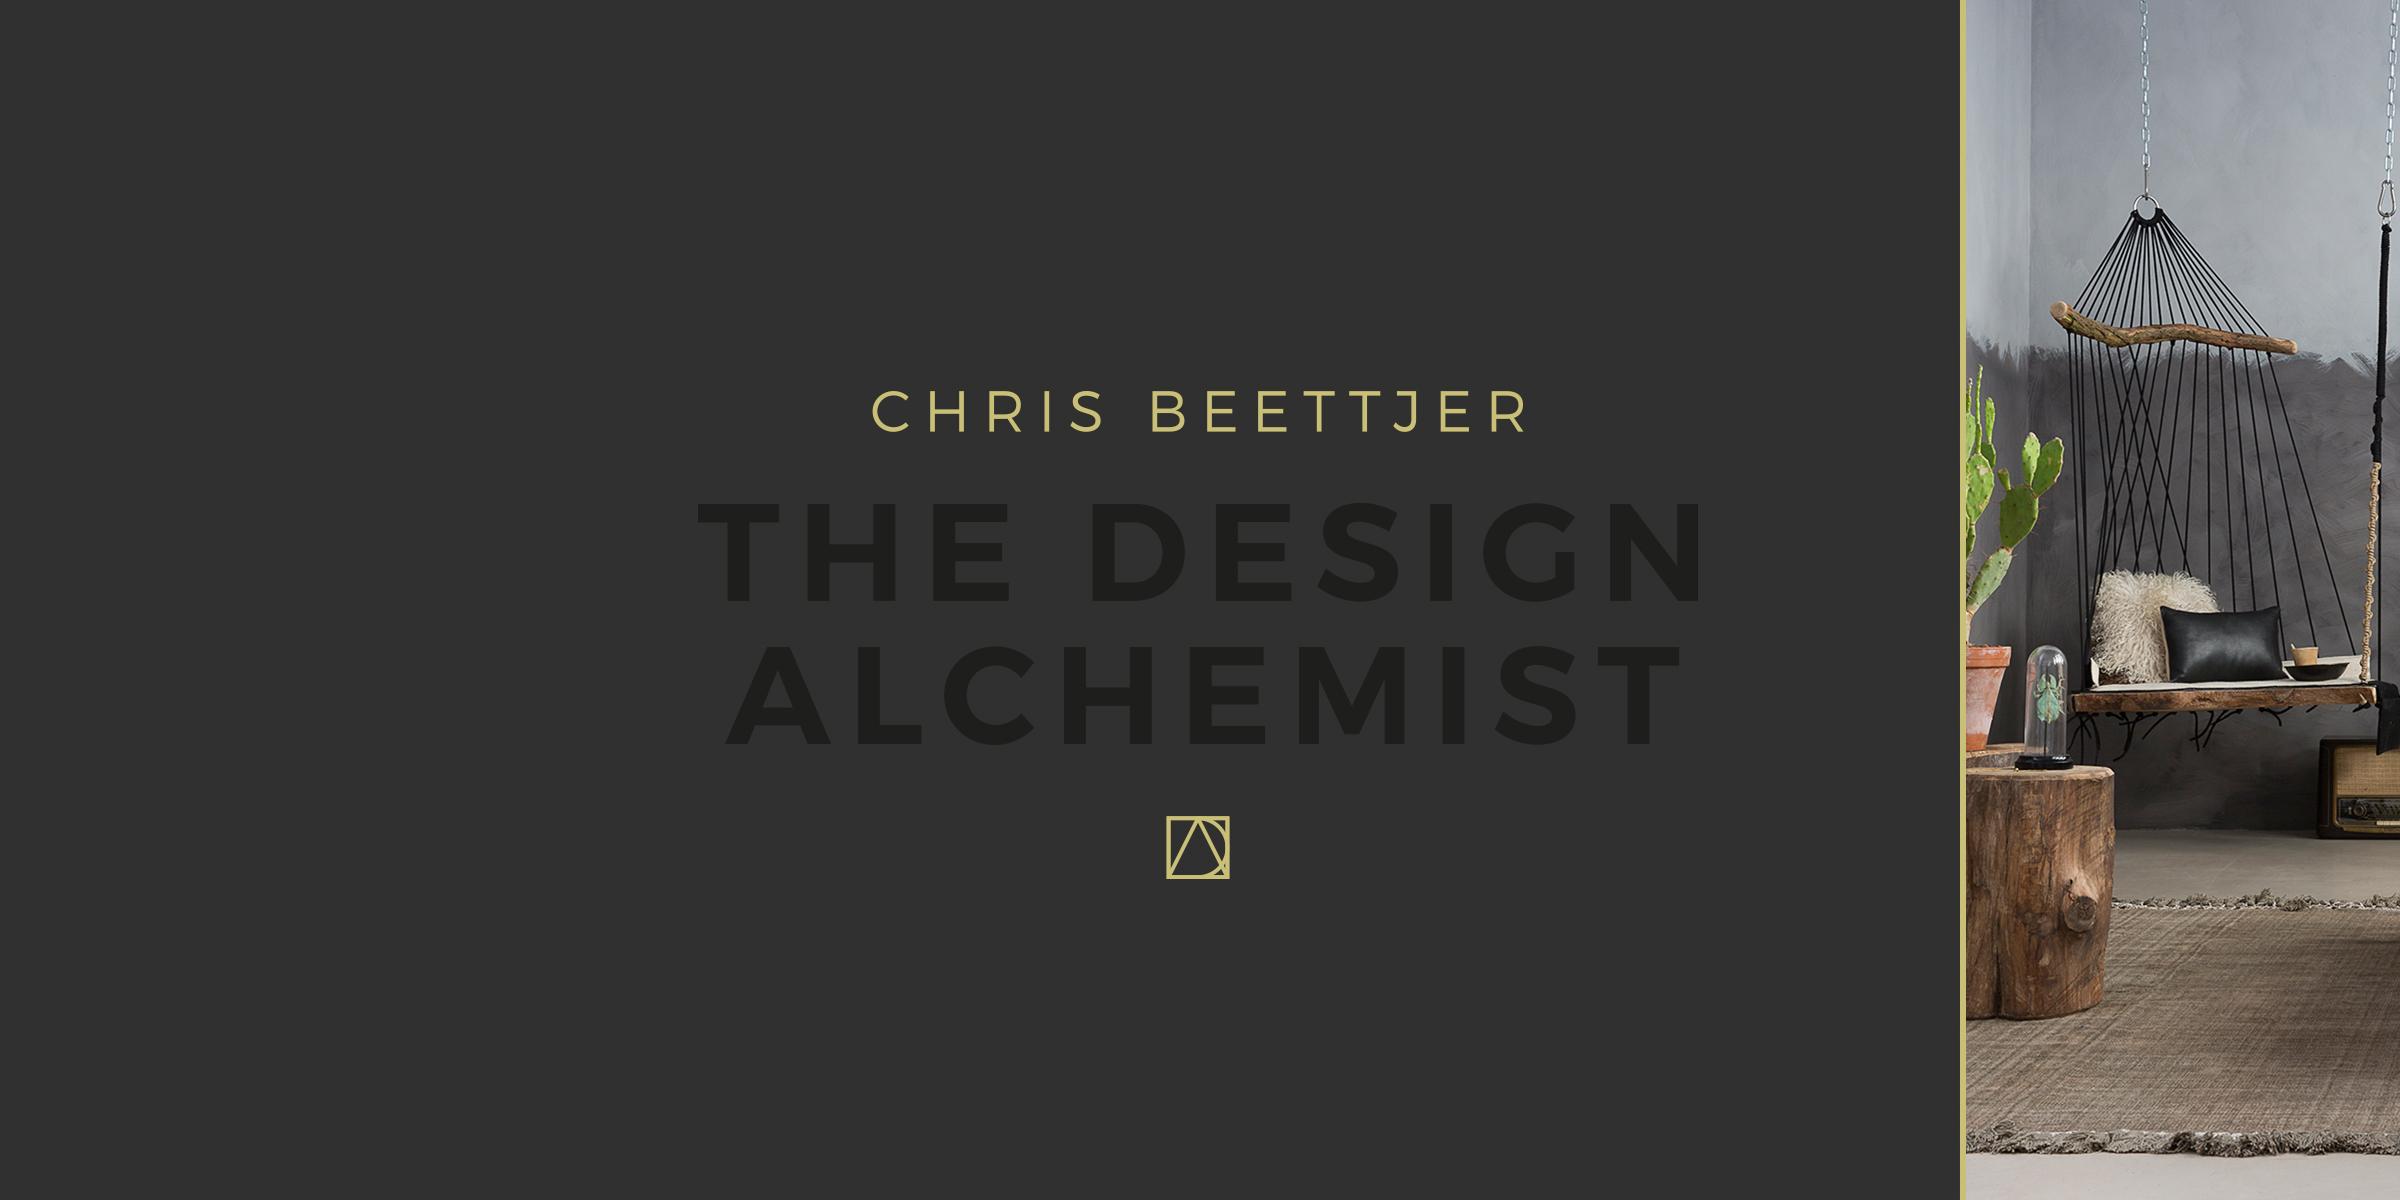 Sebastiaan-Werkendam-design-alchemists-slider-01